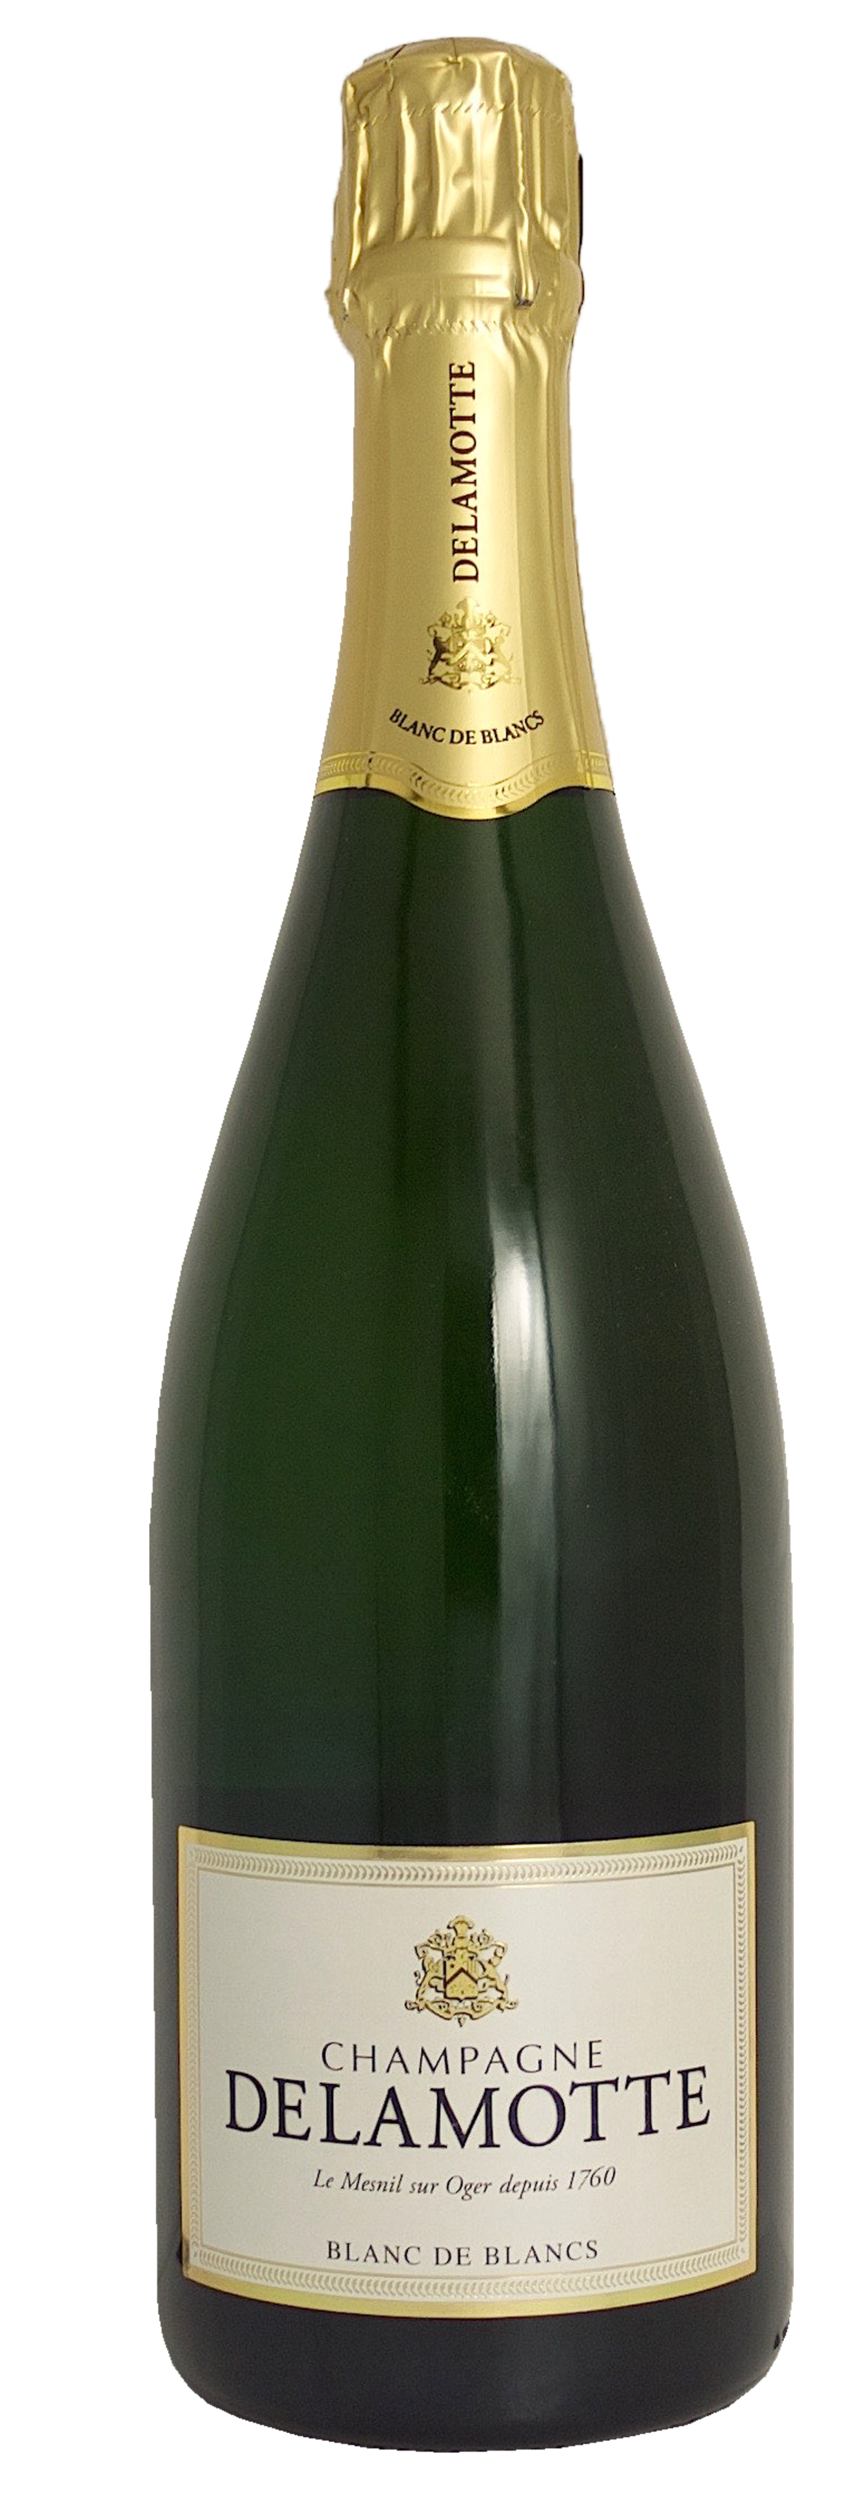 Champagne blanc de blancs brut champagne delamotte for Champagne delamotte prix